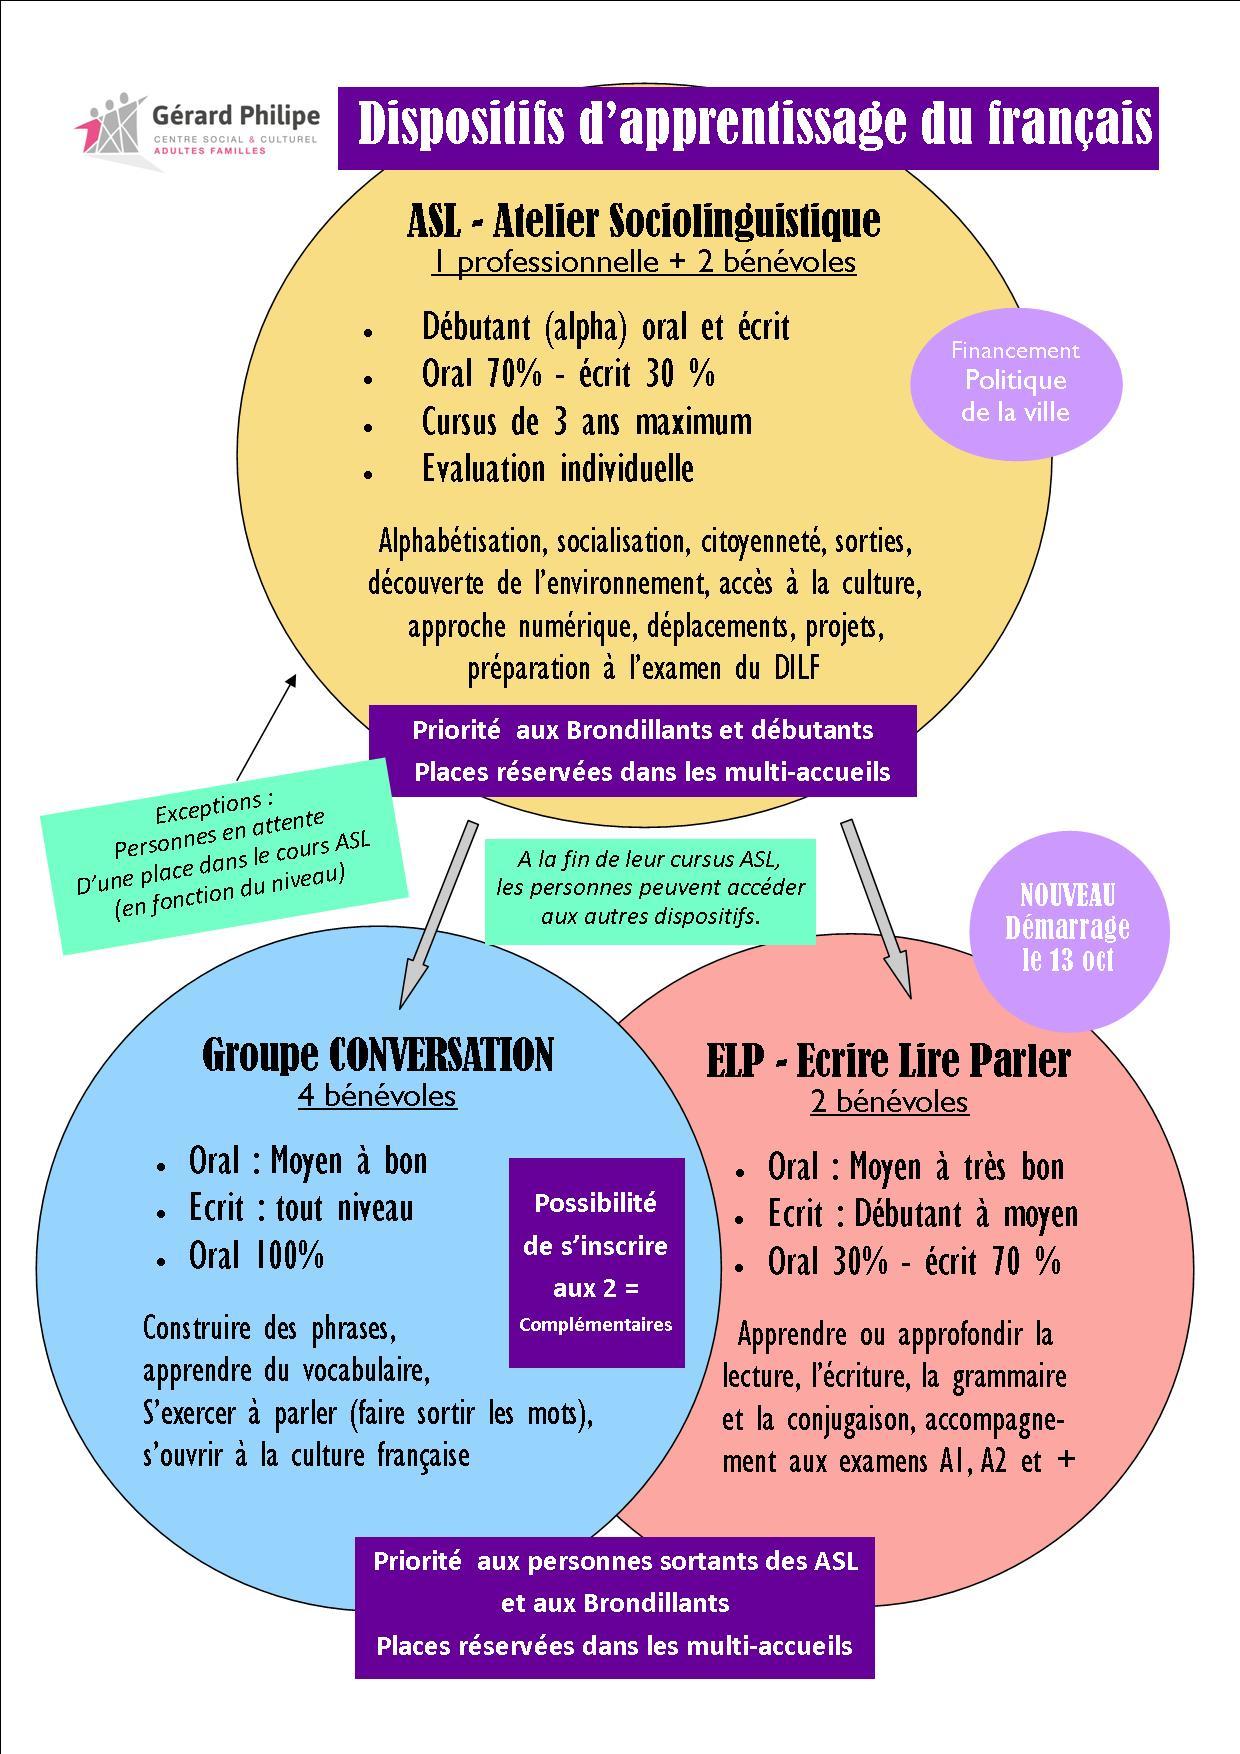 Elp : Ecrire Lire & Parler En Français - Centre Social Et destiné Apprendre A Ecrire Le Francais Pour Debutant